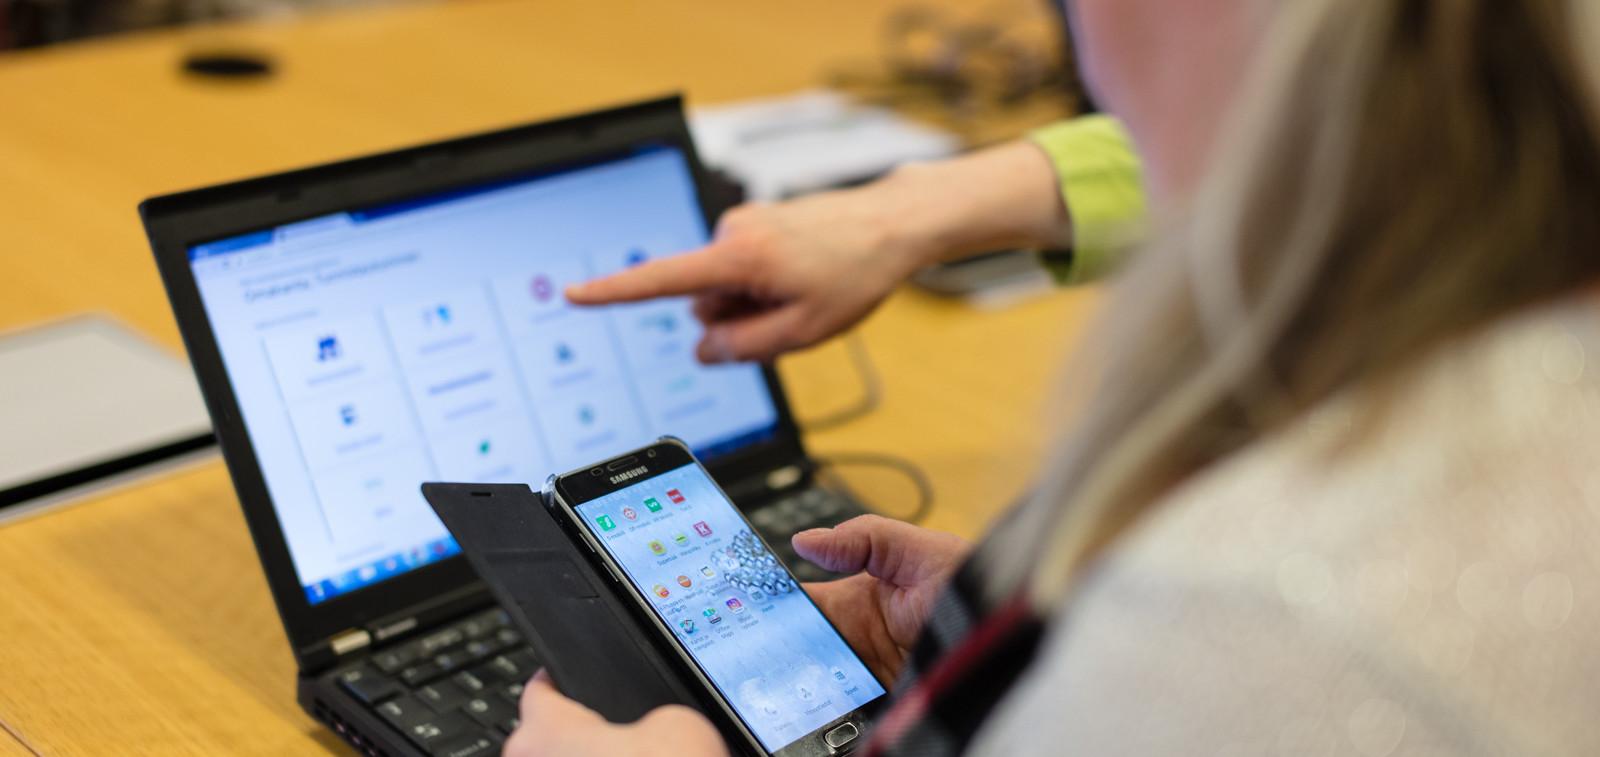 Suomi.fi-kirjautuminen verkkopalveluun